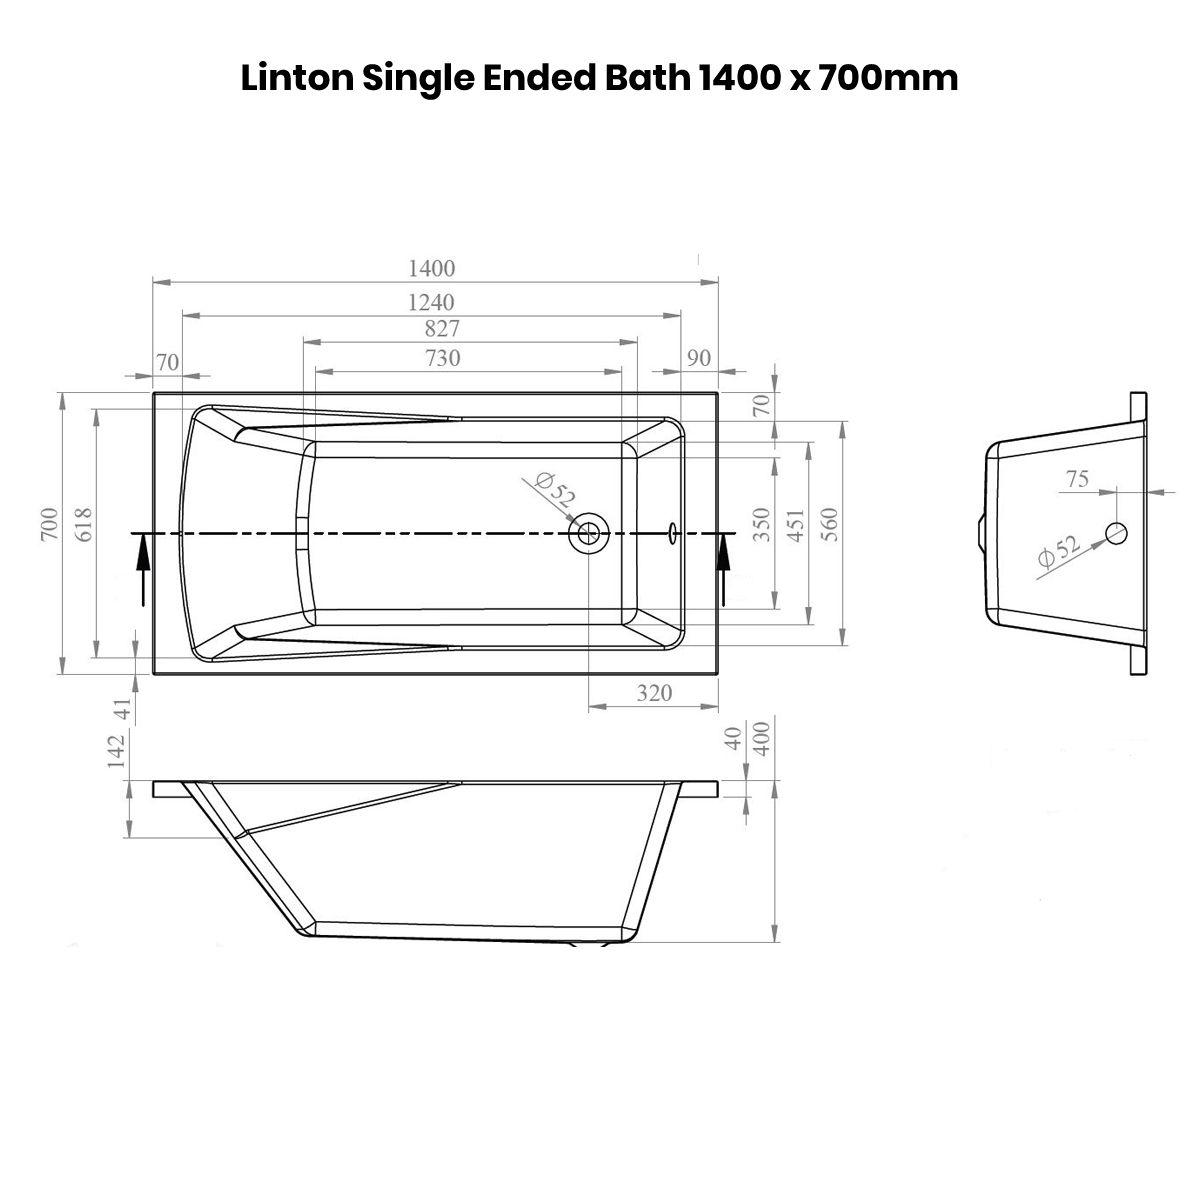 Nuie Linton Shower Bath 1400 x 700mm Dimensions